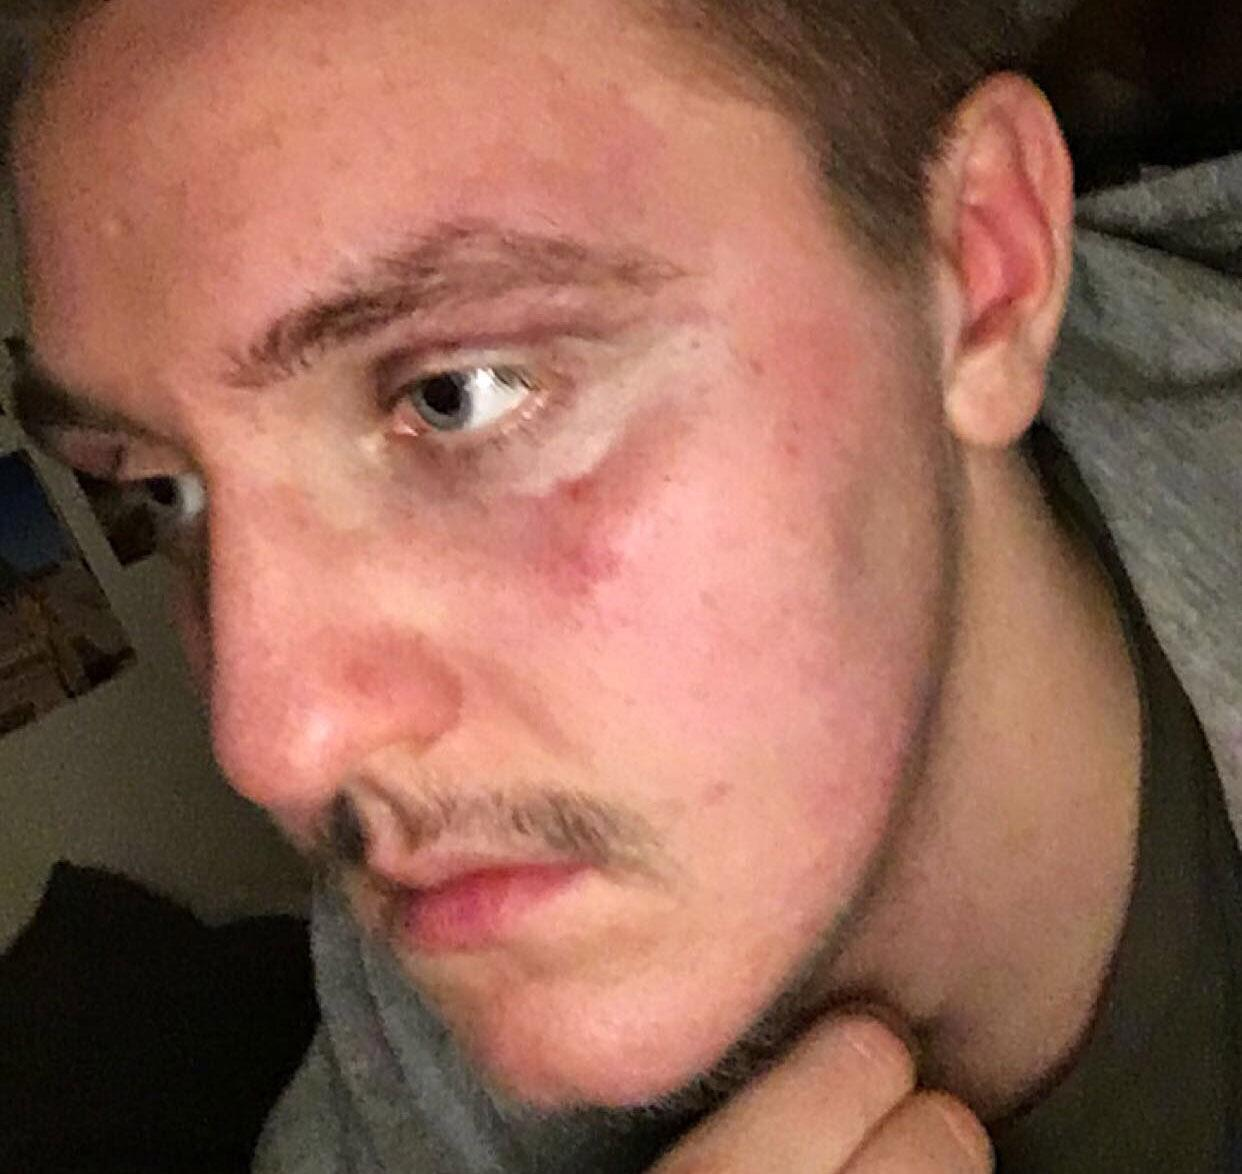 Hans egen bild efter misshandeln.